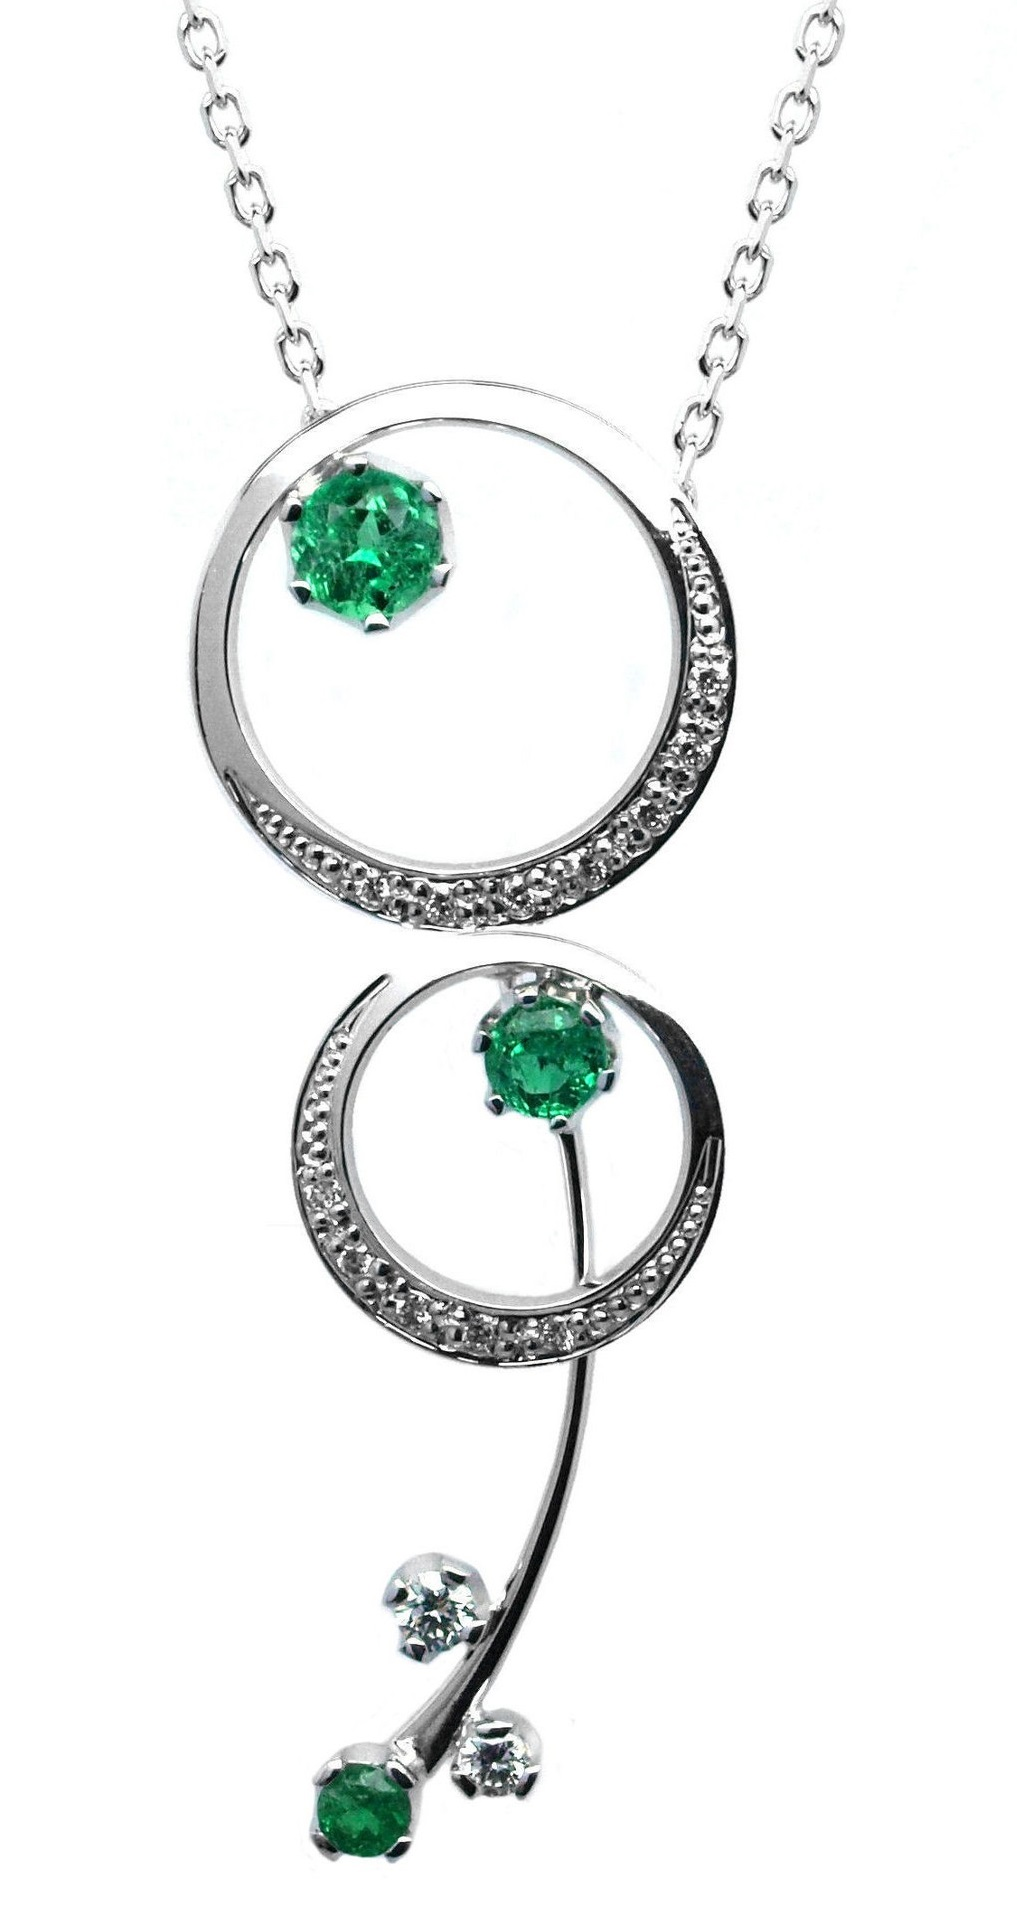 Ručně vyrobený náhrdelník z bílého zlata se smaragdem a diamanty J-29527-17